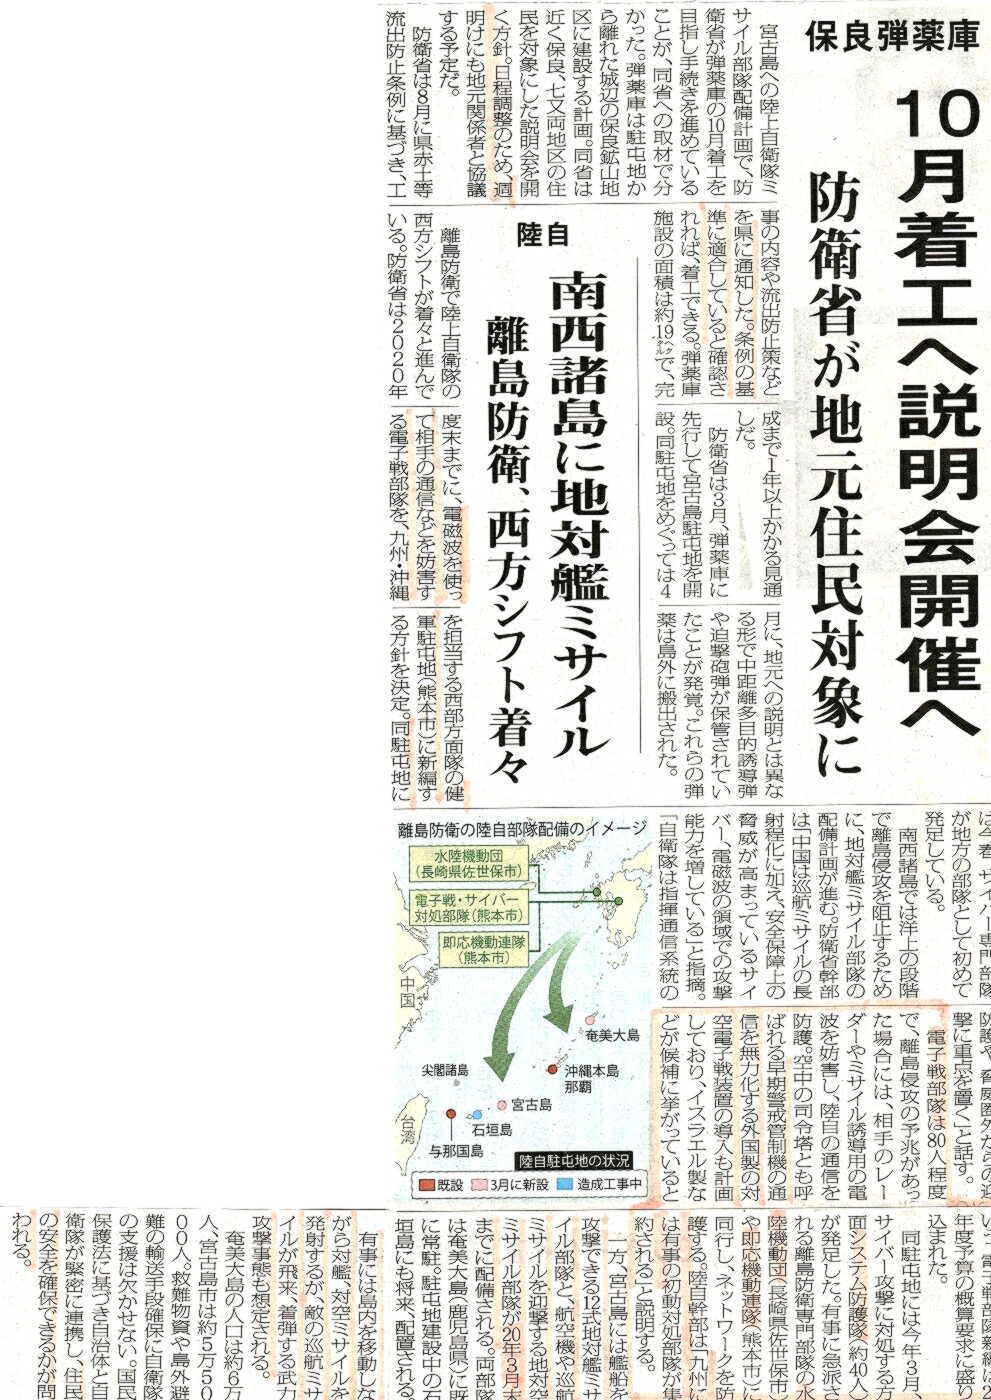 miyakomainichi2019 09161